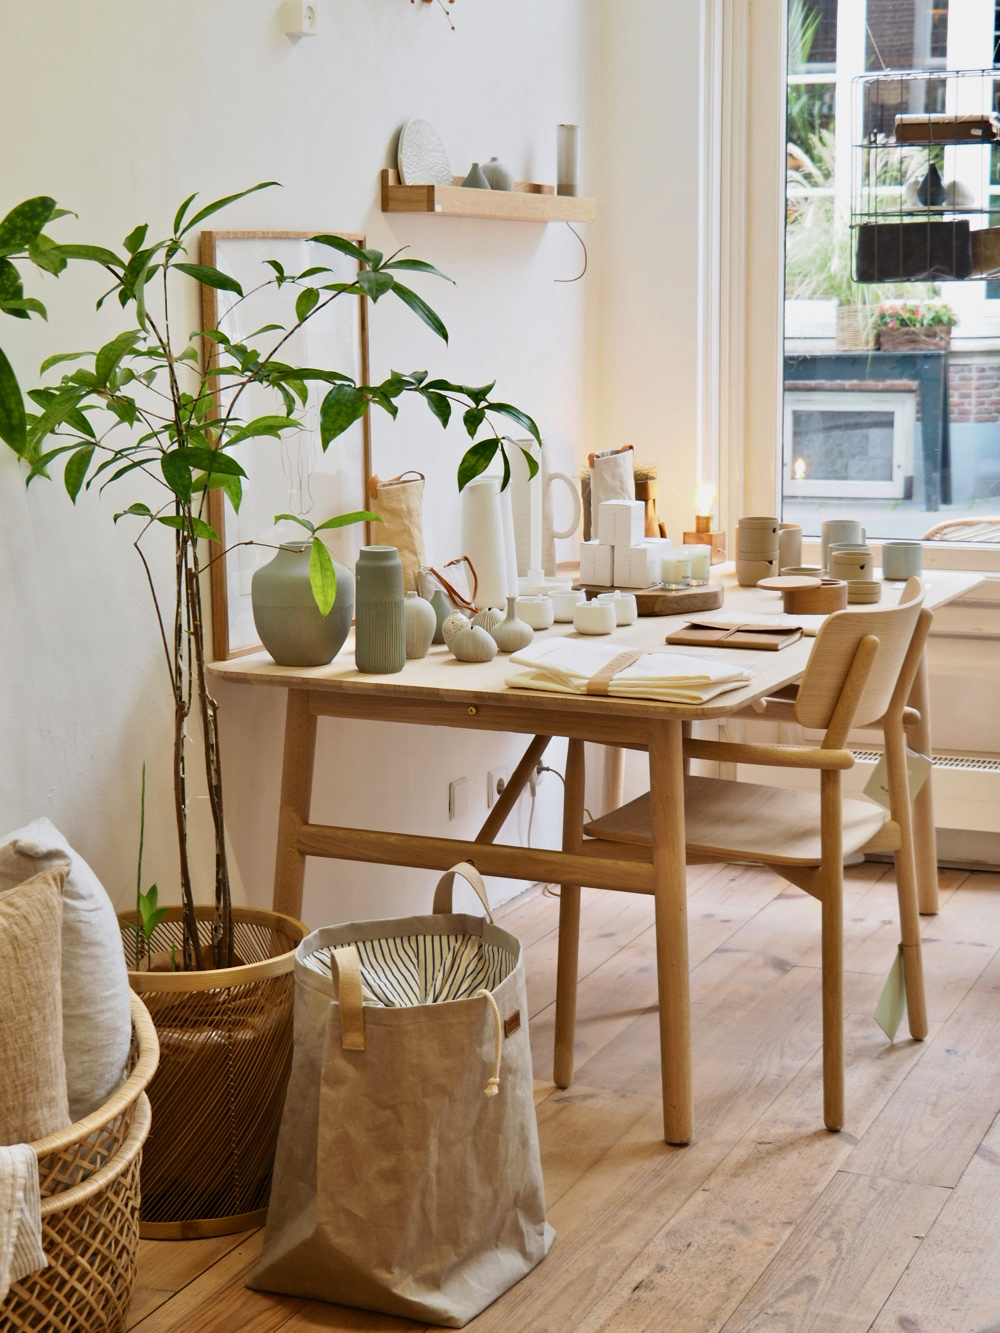 Een Scandinavisch interieur bij woonwinkel Stilleven in Zutphen